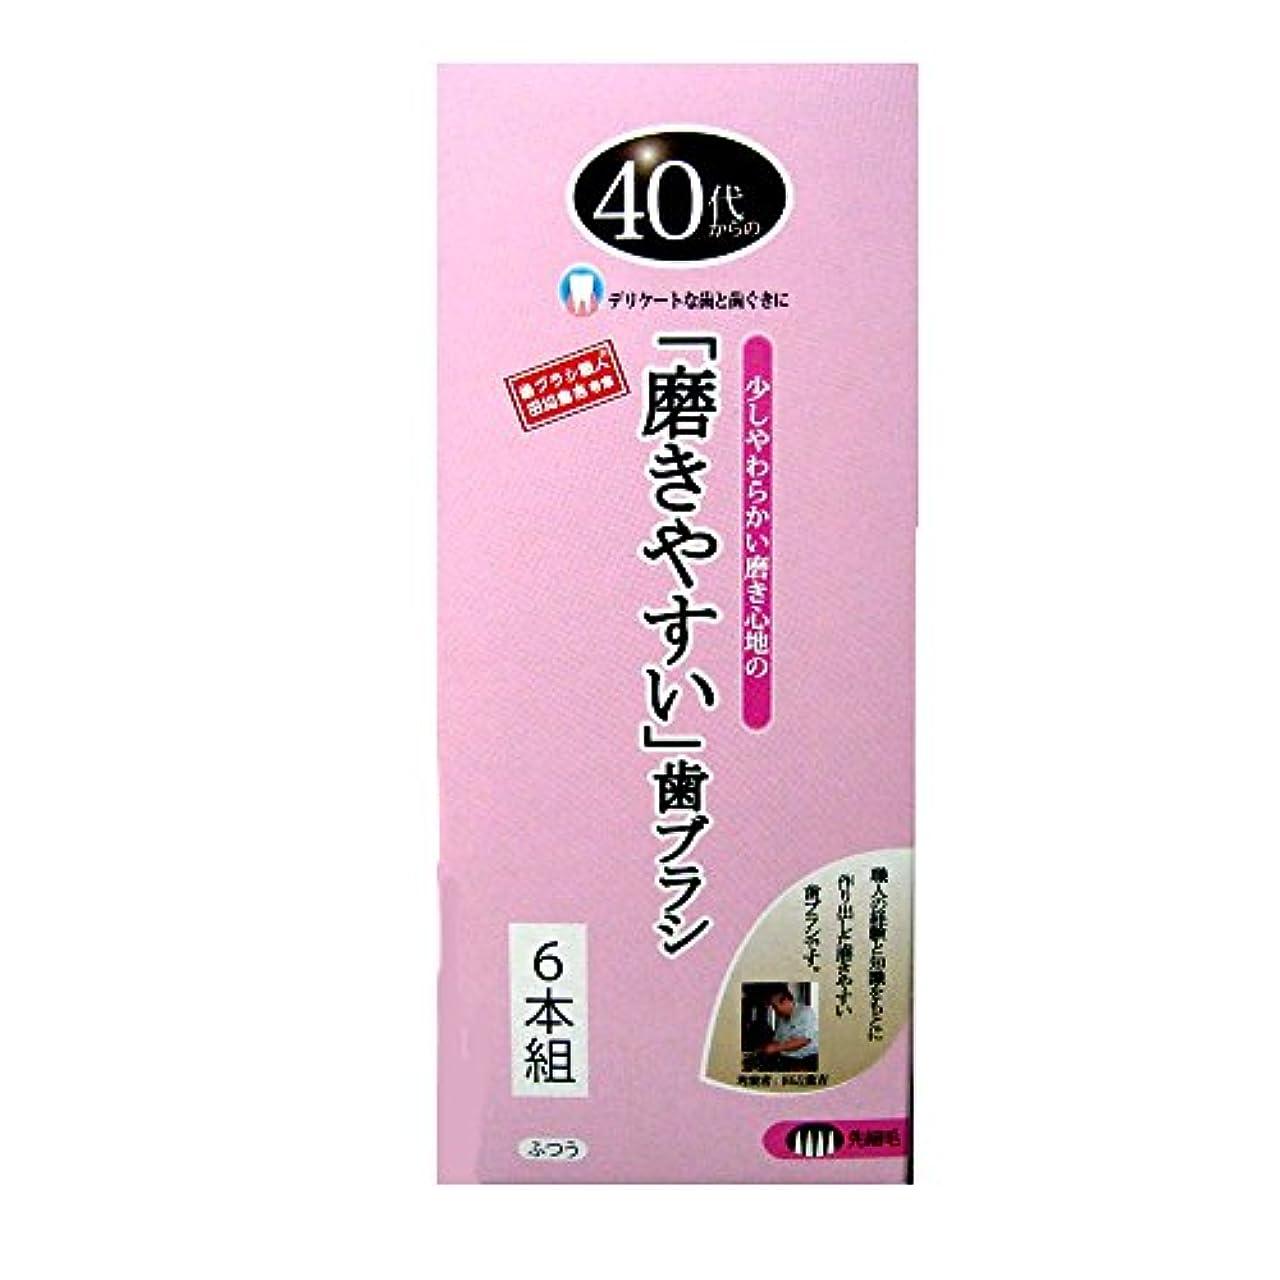 めんどり漏れとても多くのライフレンジ 磨きやすい歯ブラシ 40代から ふつう LT-115 6本組 4560292169909